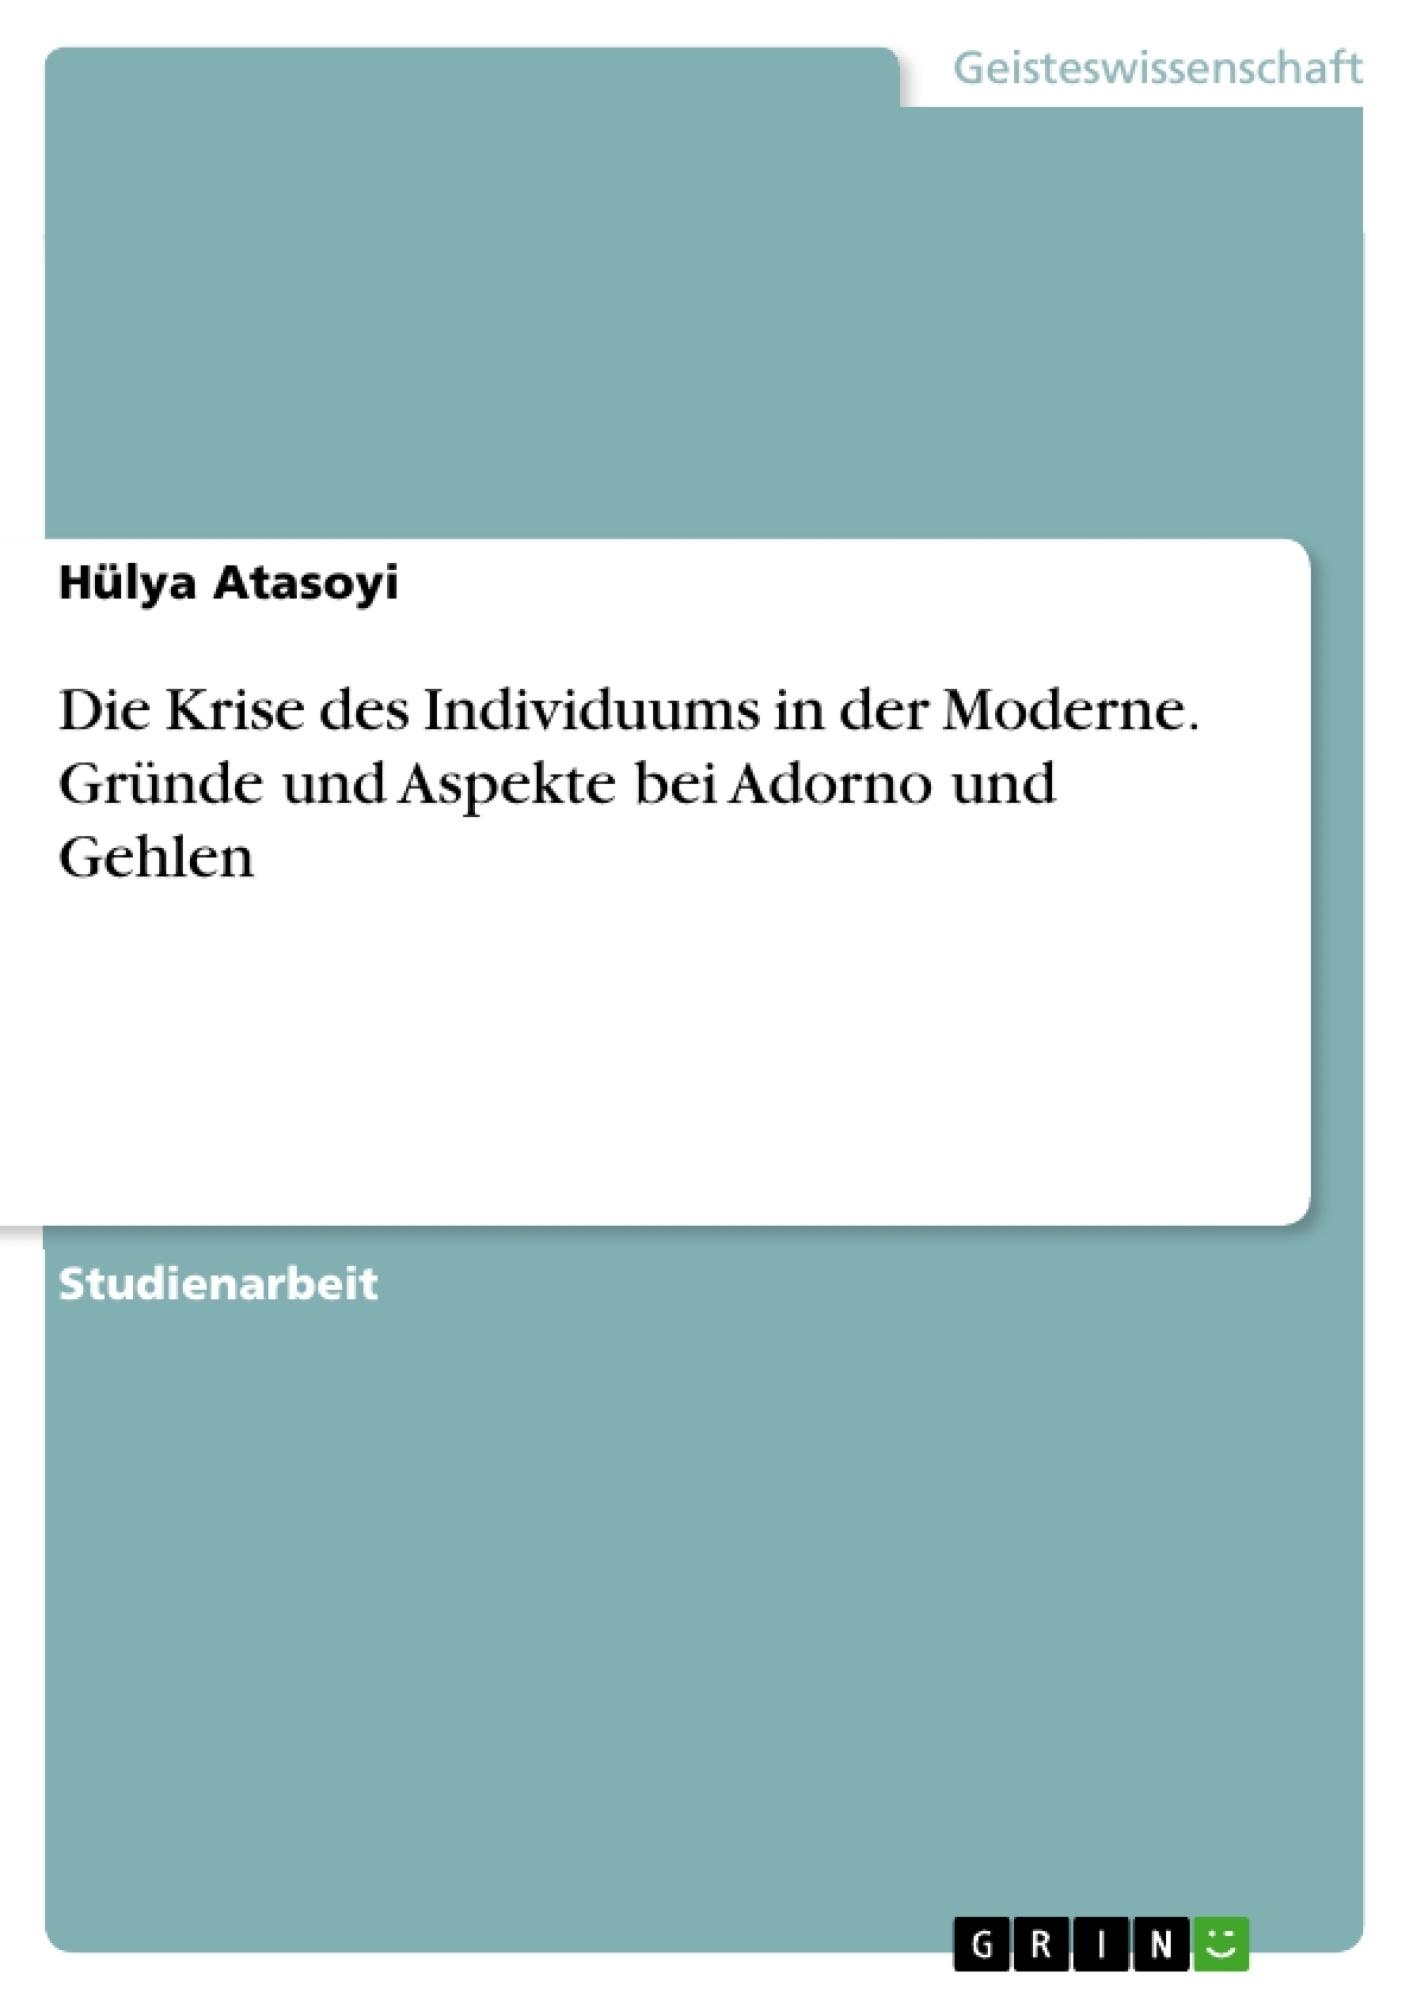 Titel: Die Krise des Individuums in der Moderne. Gründe und Aspekte bei Adorno und Gehlen